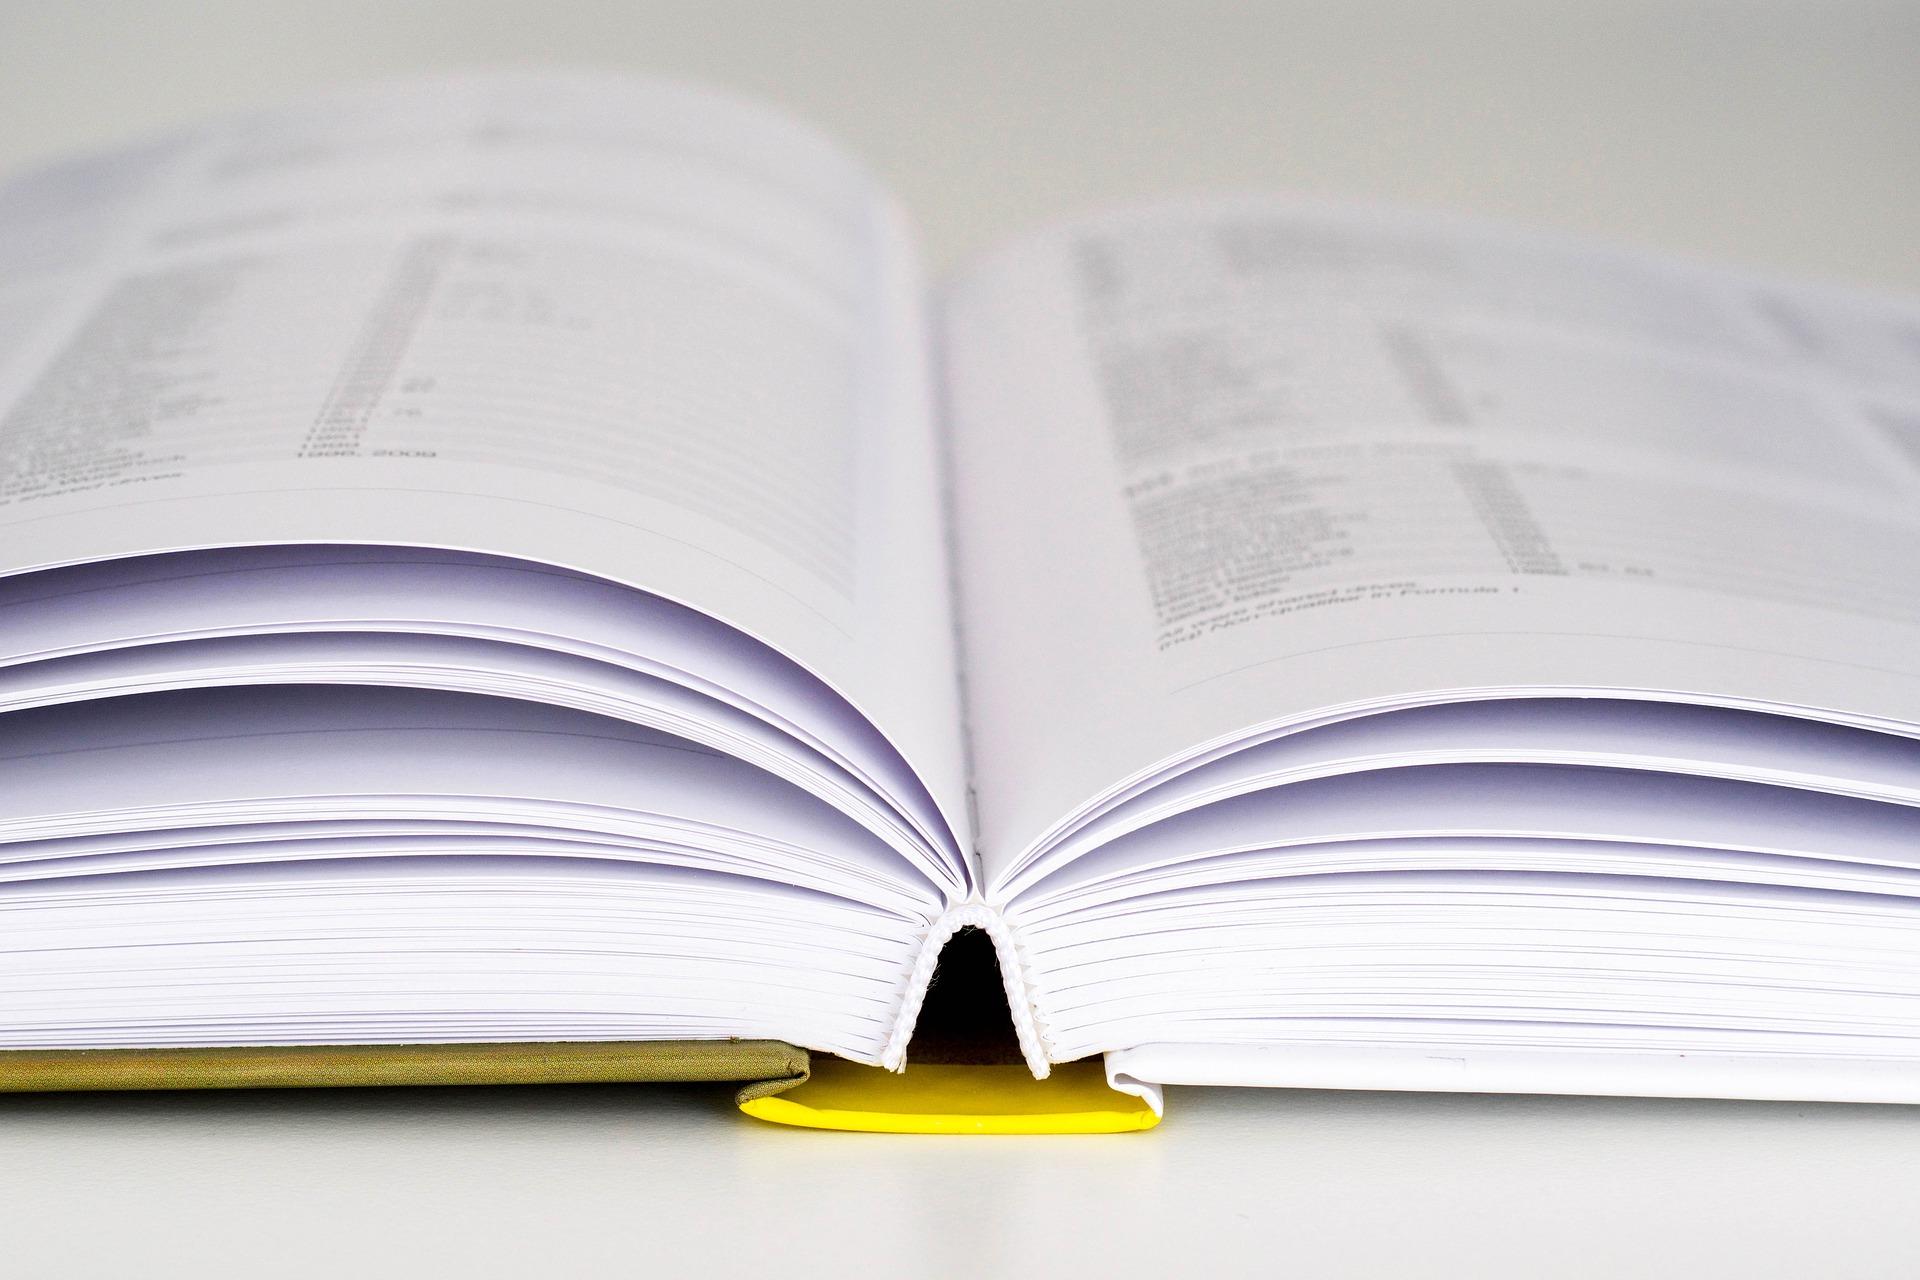 Homepage_book_1836434_1920.jpg